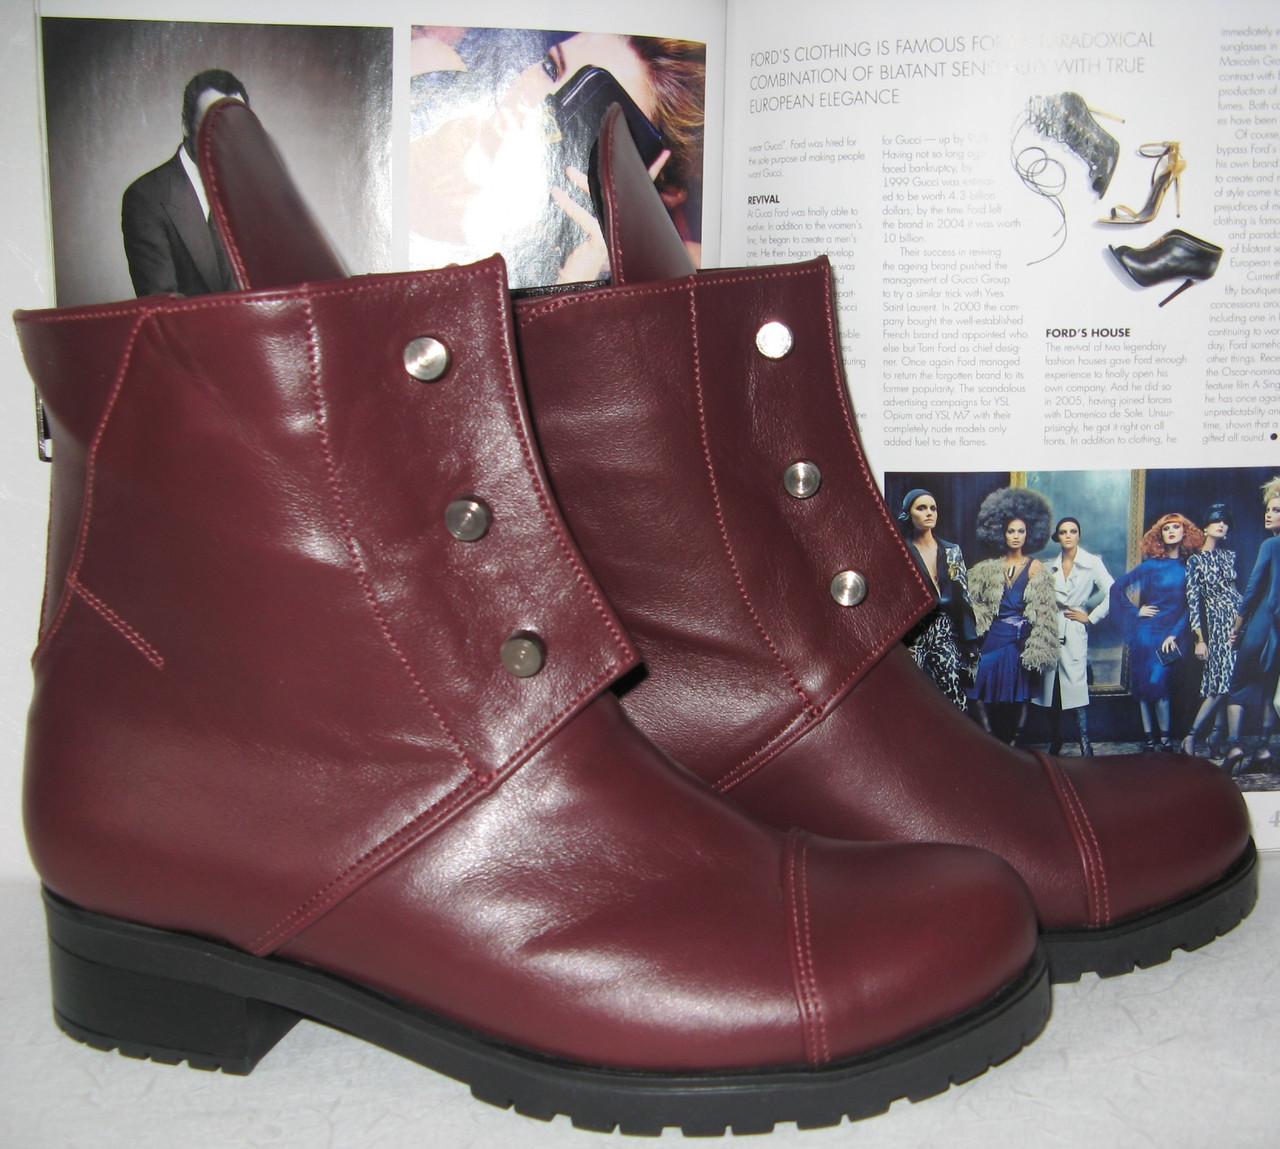 08a3a55b Красивые кожаные женские ботинки винного цвета обувь для зимы сапоги марсала